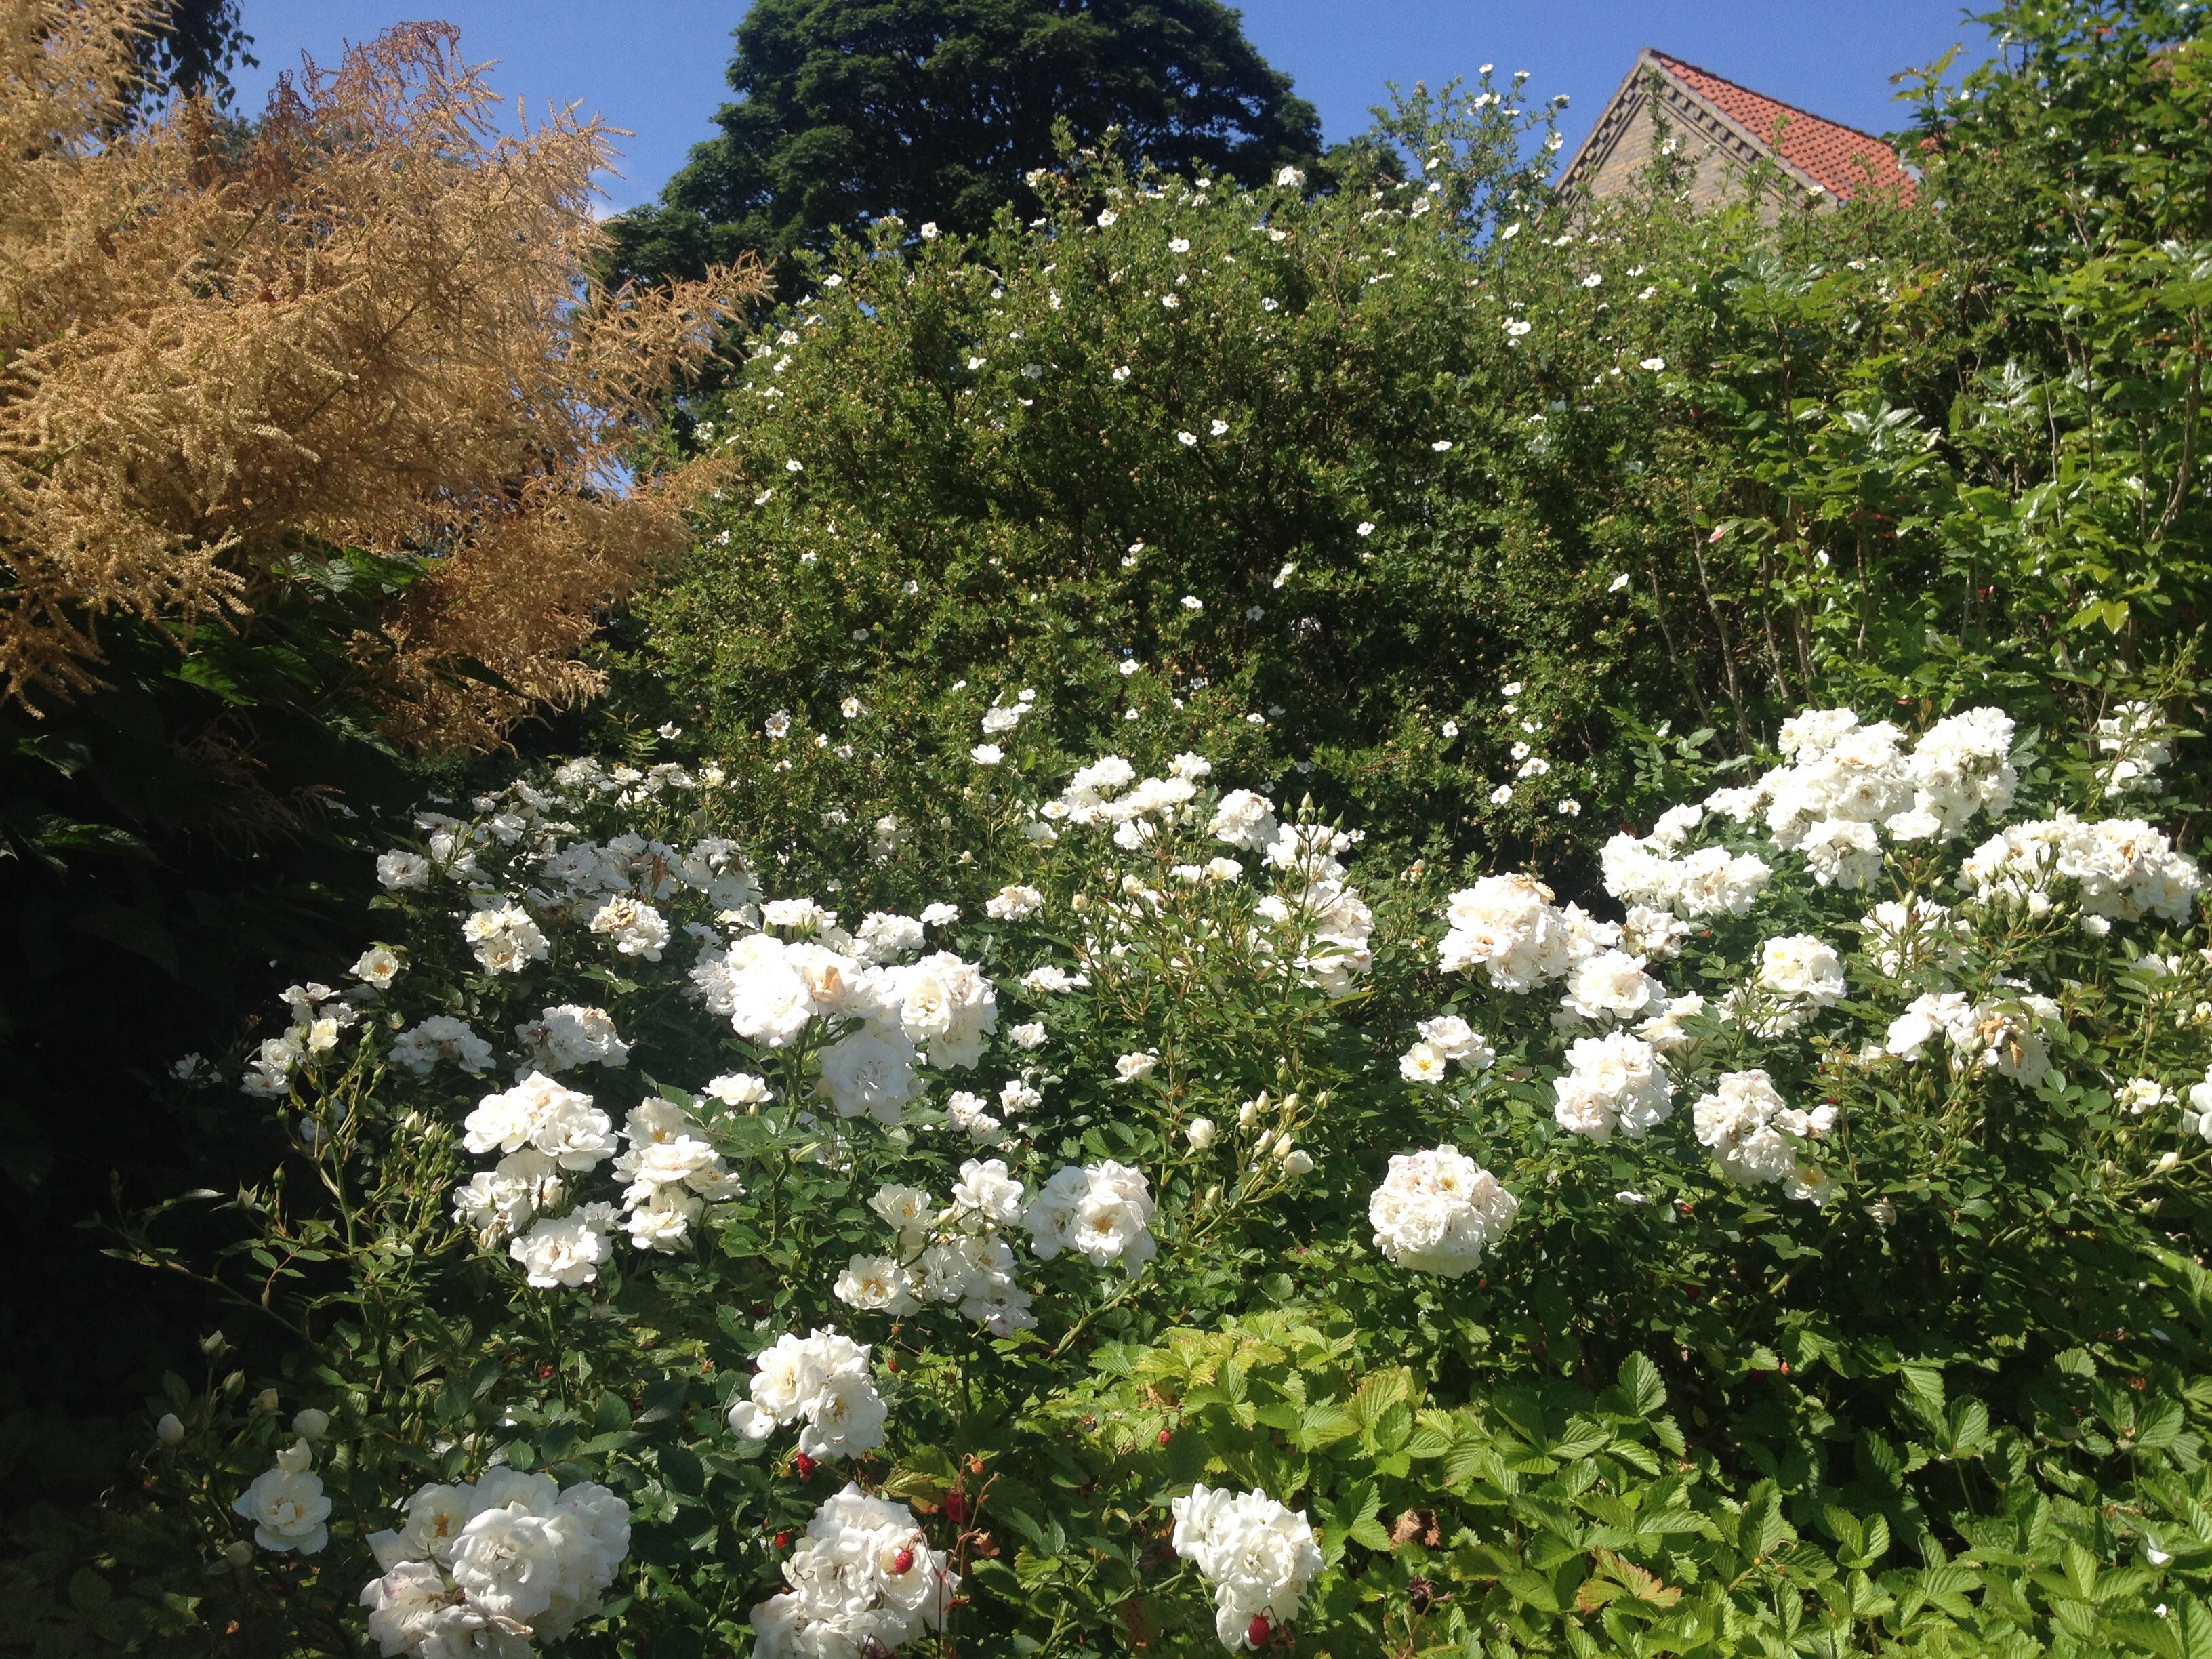 Hvide bede i haven